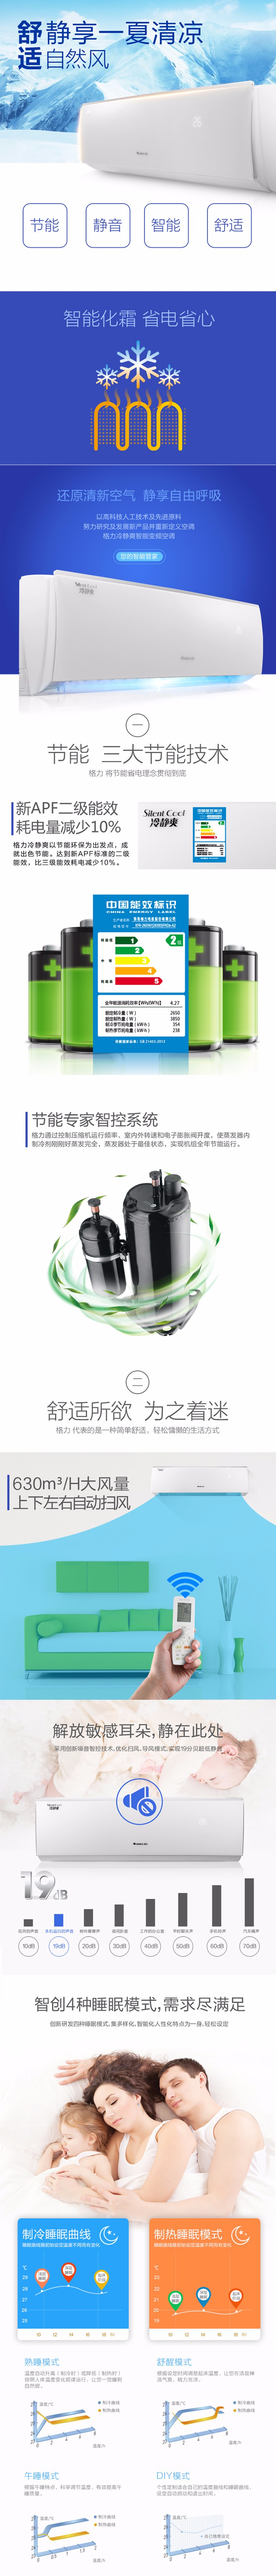 格力冷静爽变频空调产品说明;